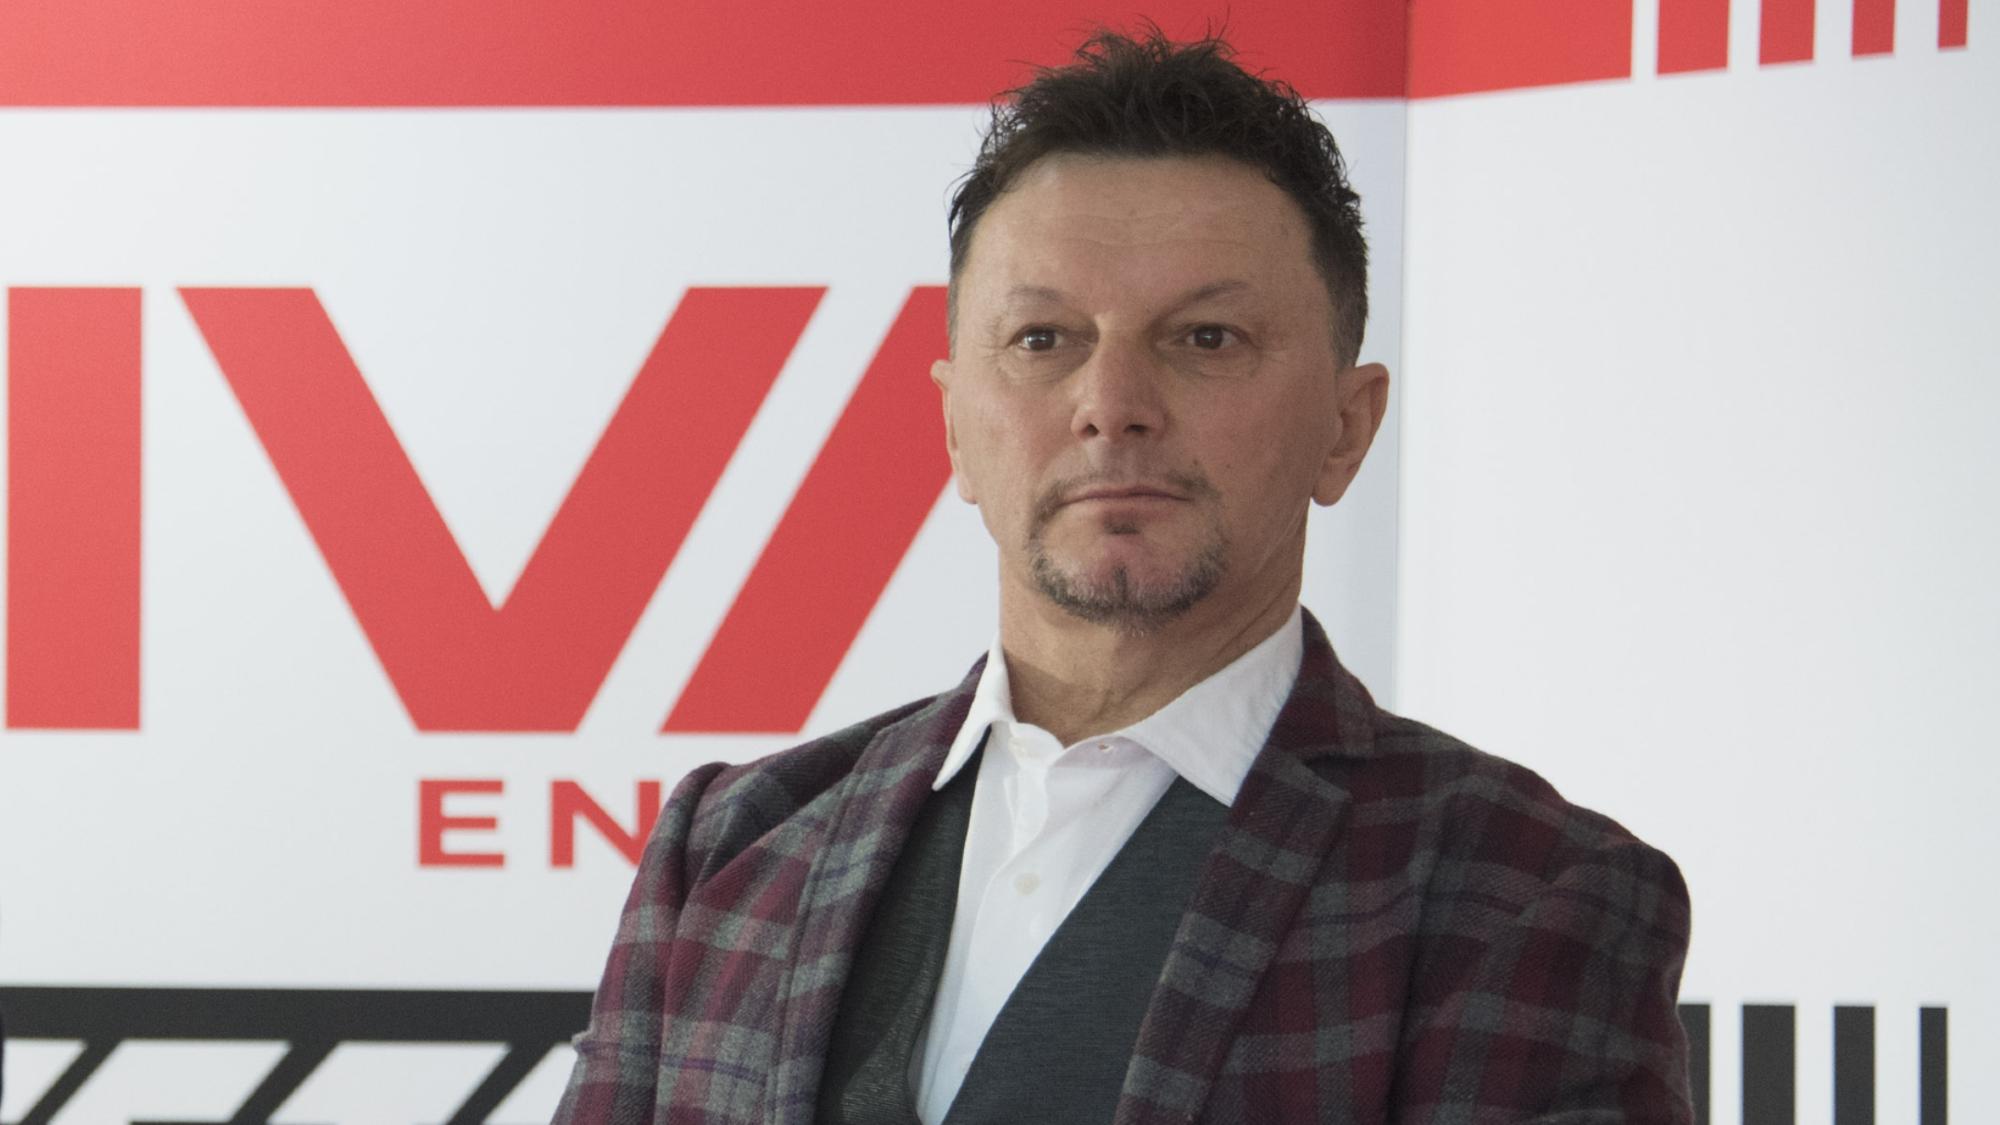 Fausto Gresini, 2020